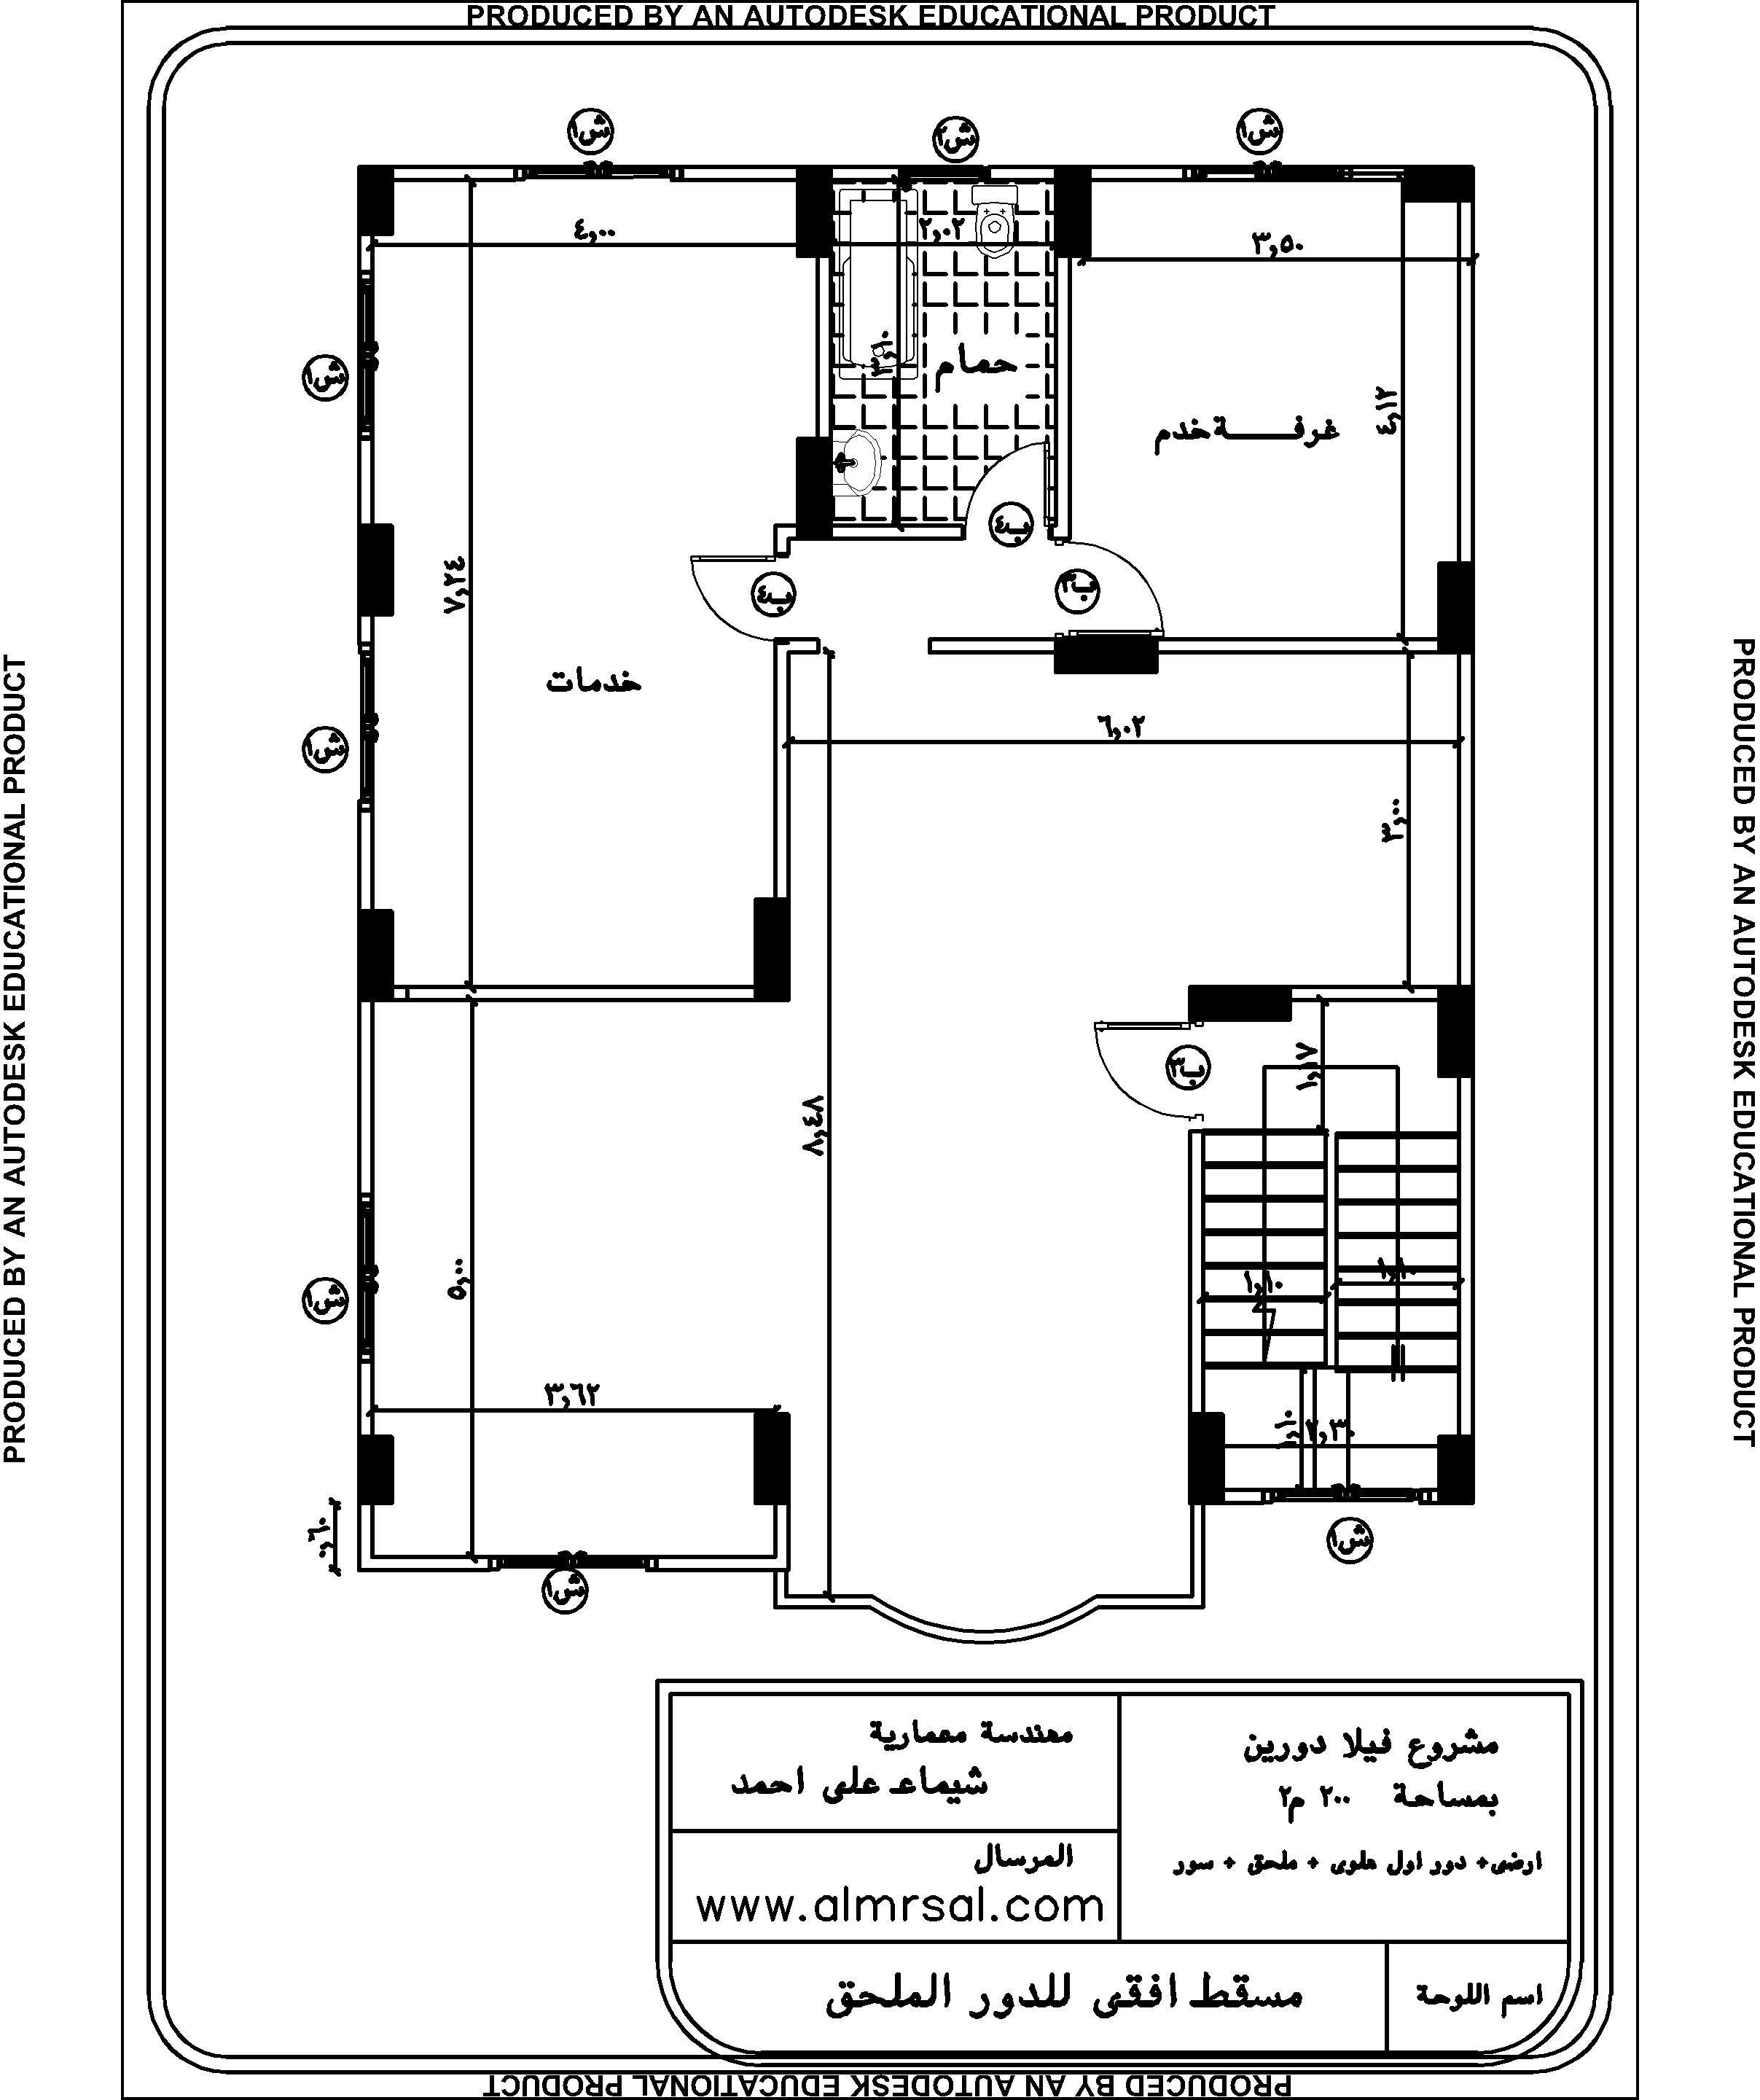 تصميم فيلا دوبلكس مساحة 200 متر مربع المرسال